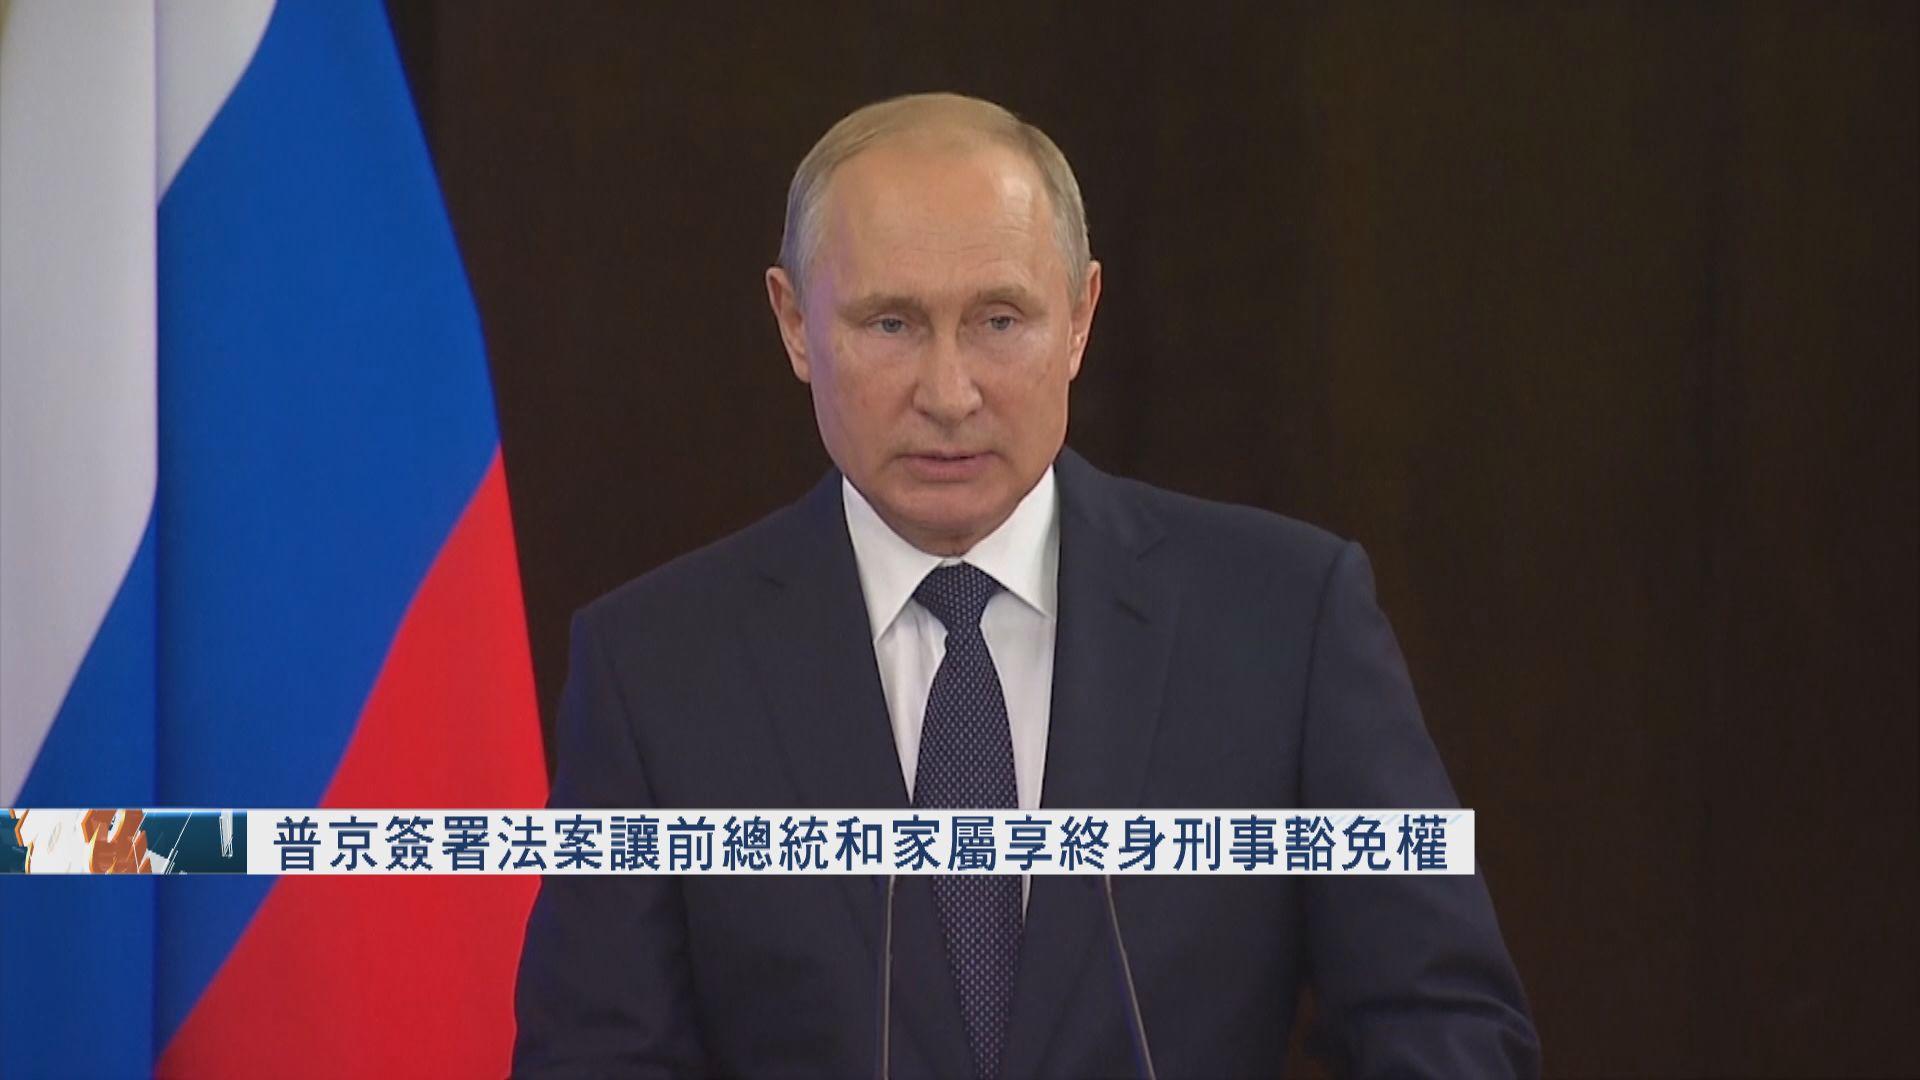 普京簽署法案 前總統和家屬可享終身刑事豁免權